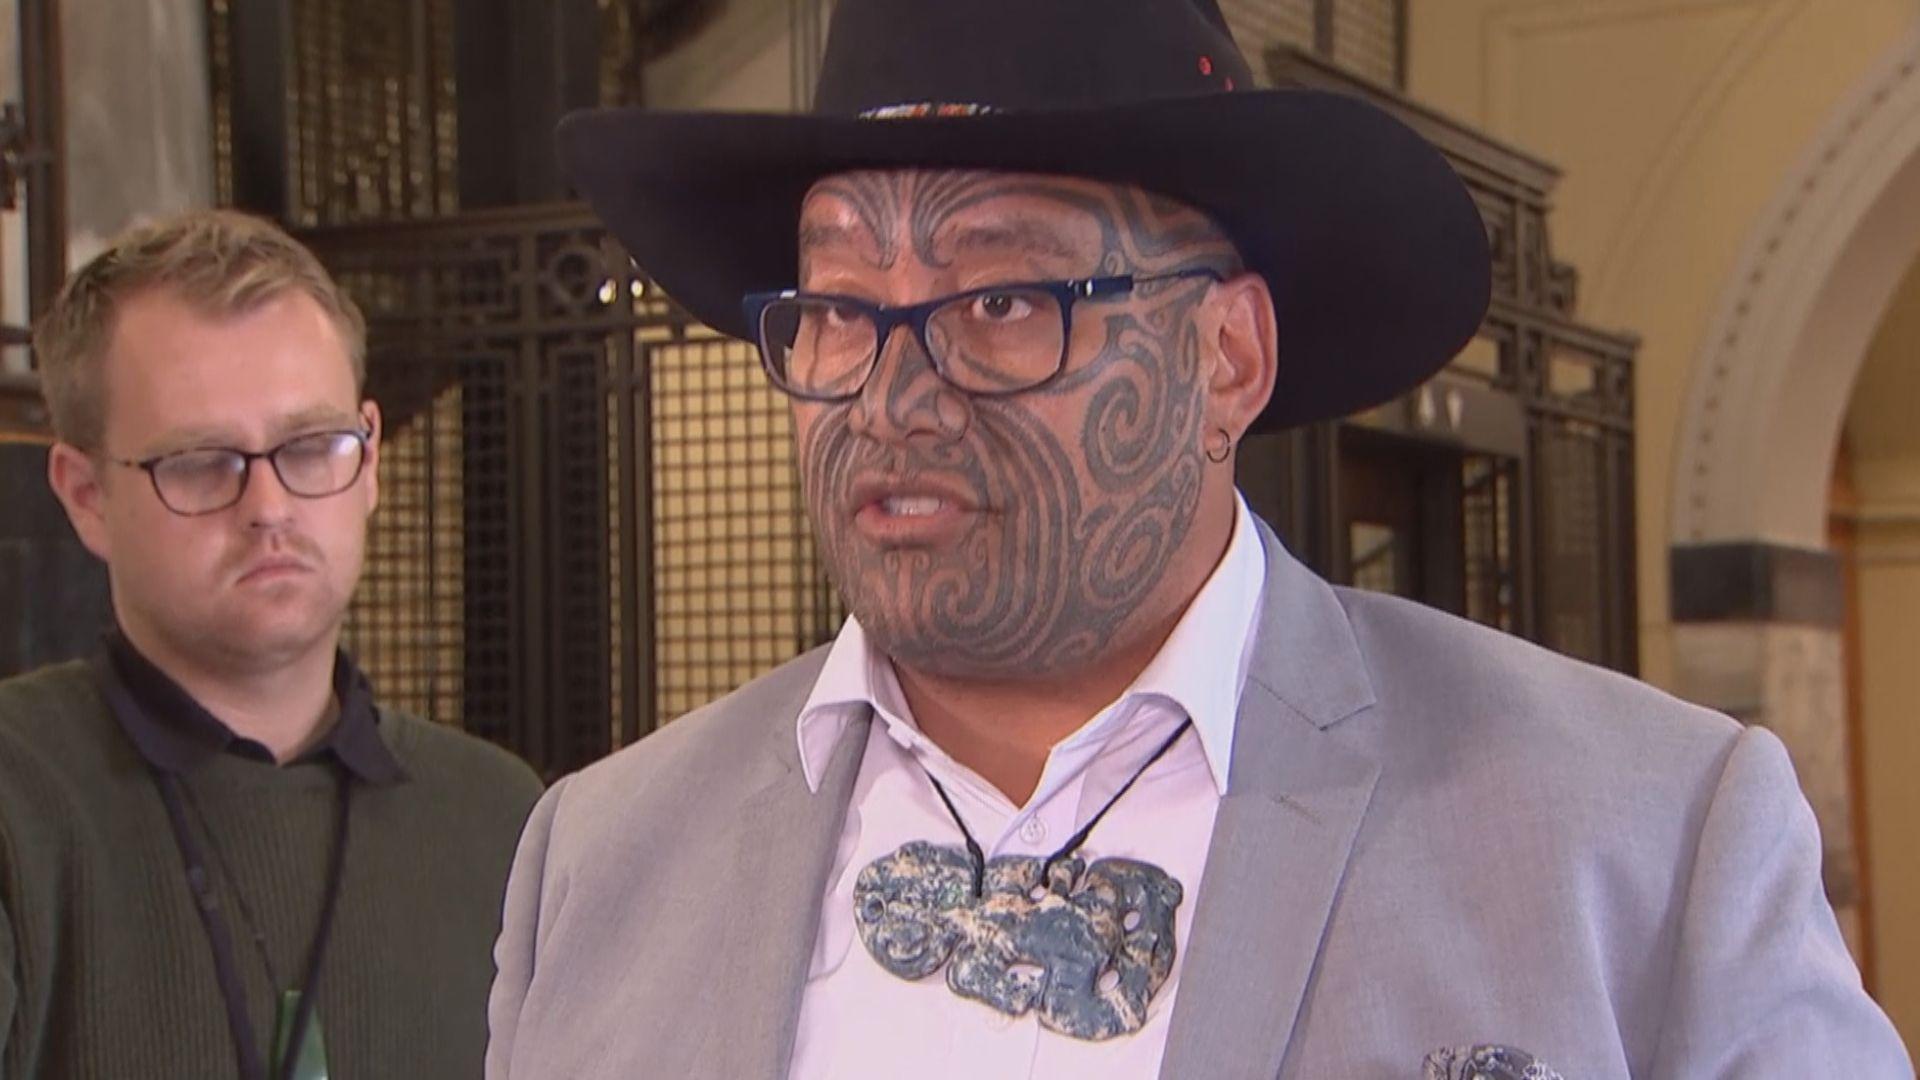 【環球薈報】毛利族議員領帶被指不符規定被逐出議事廳